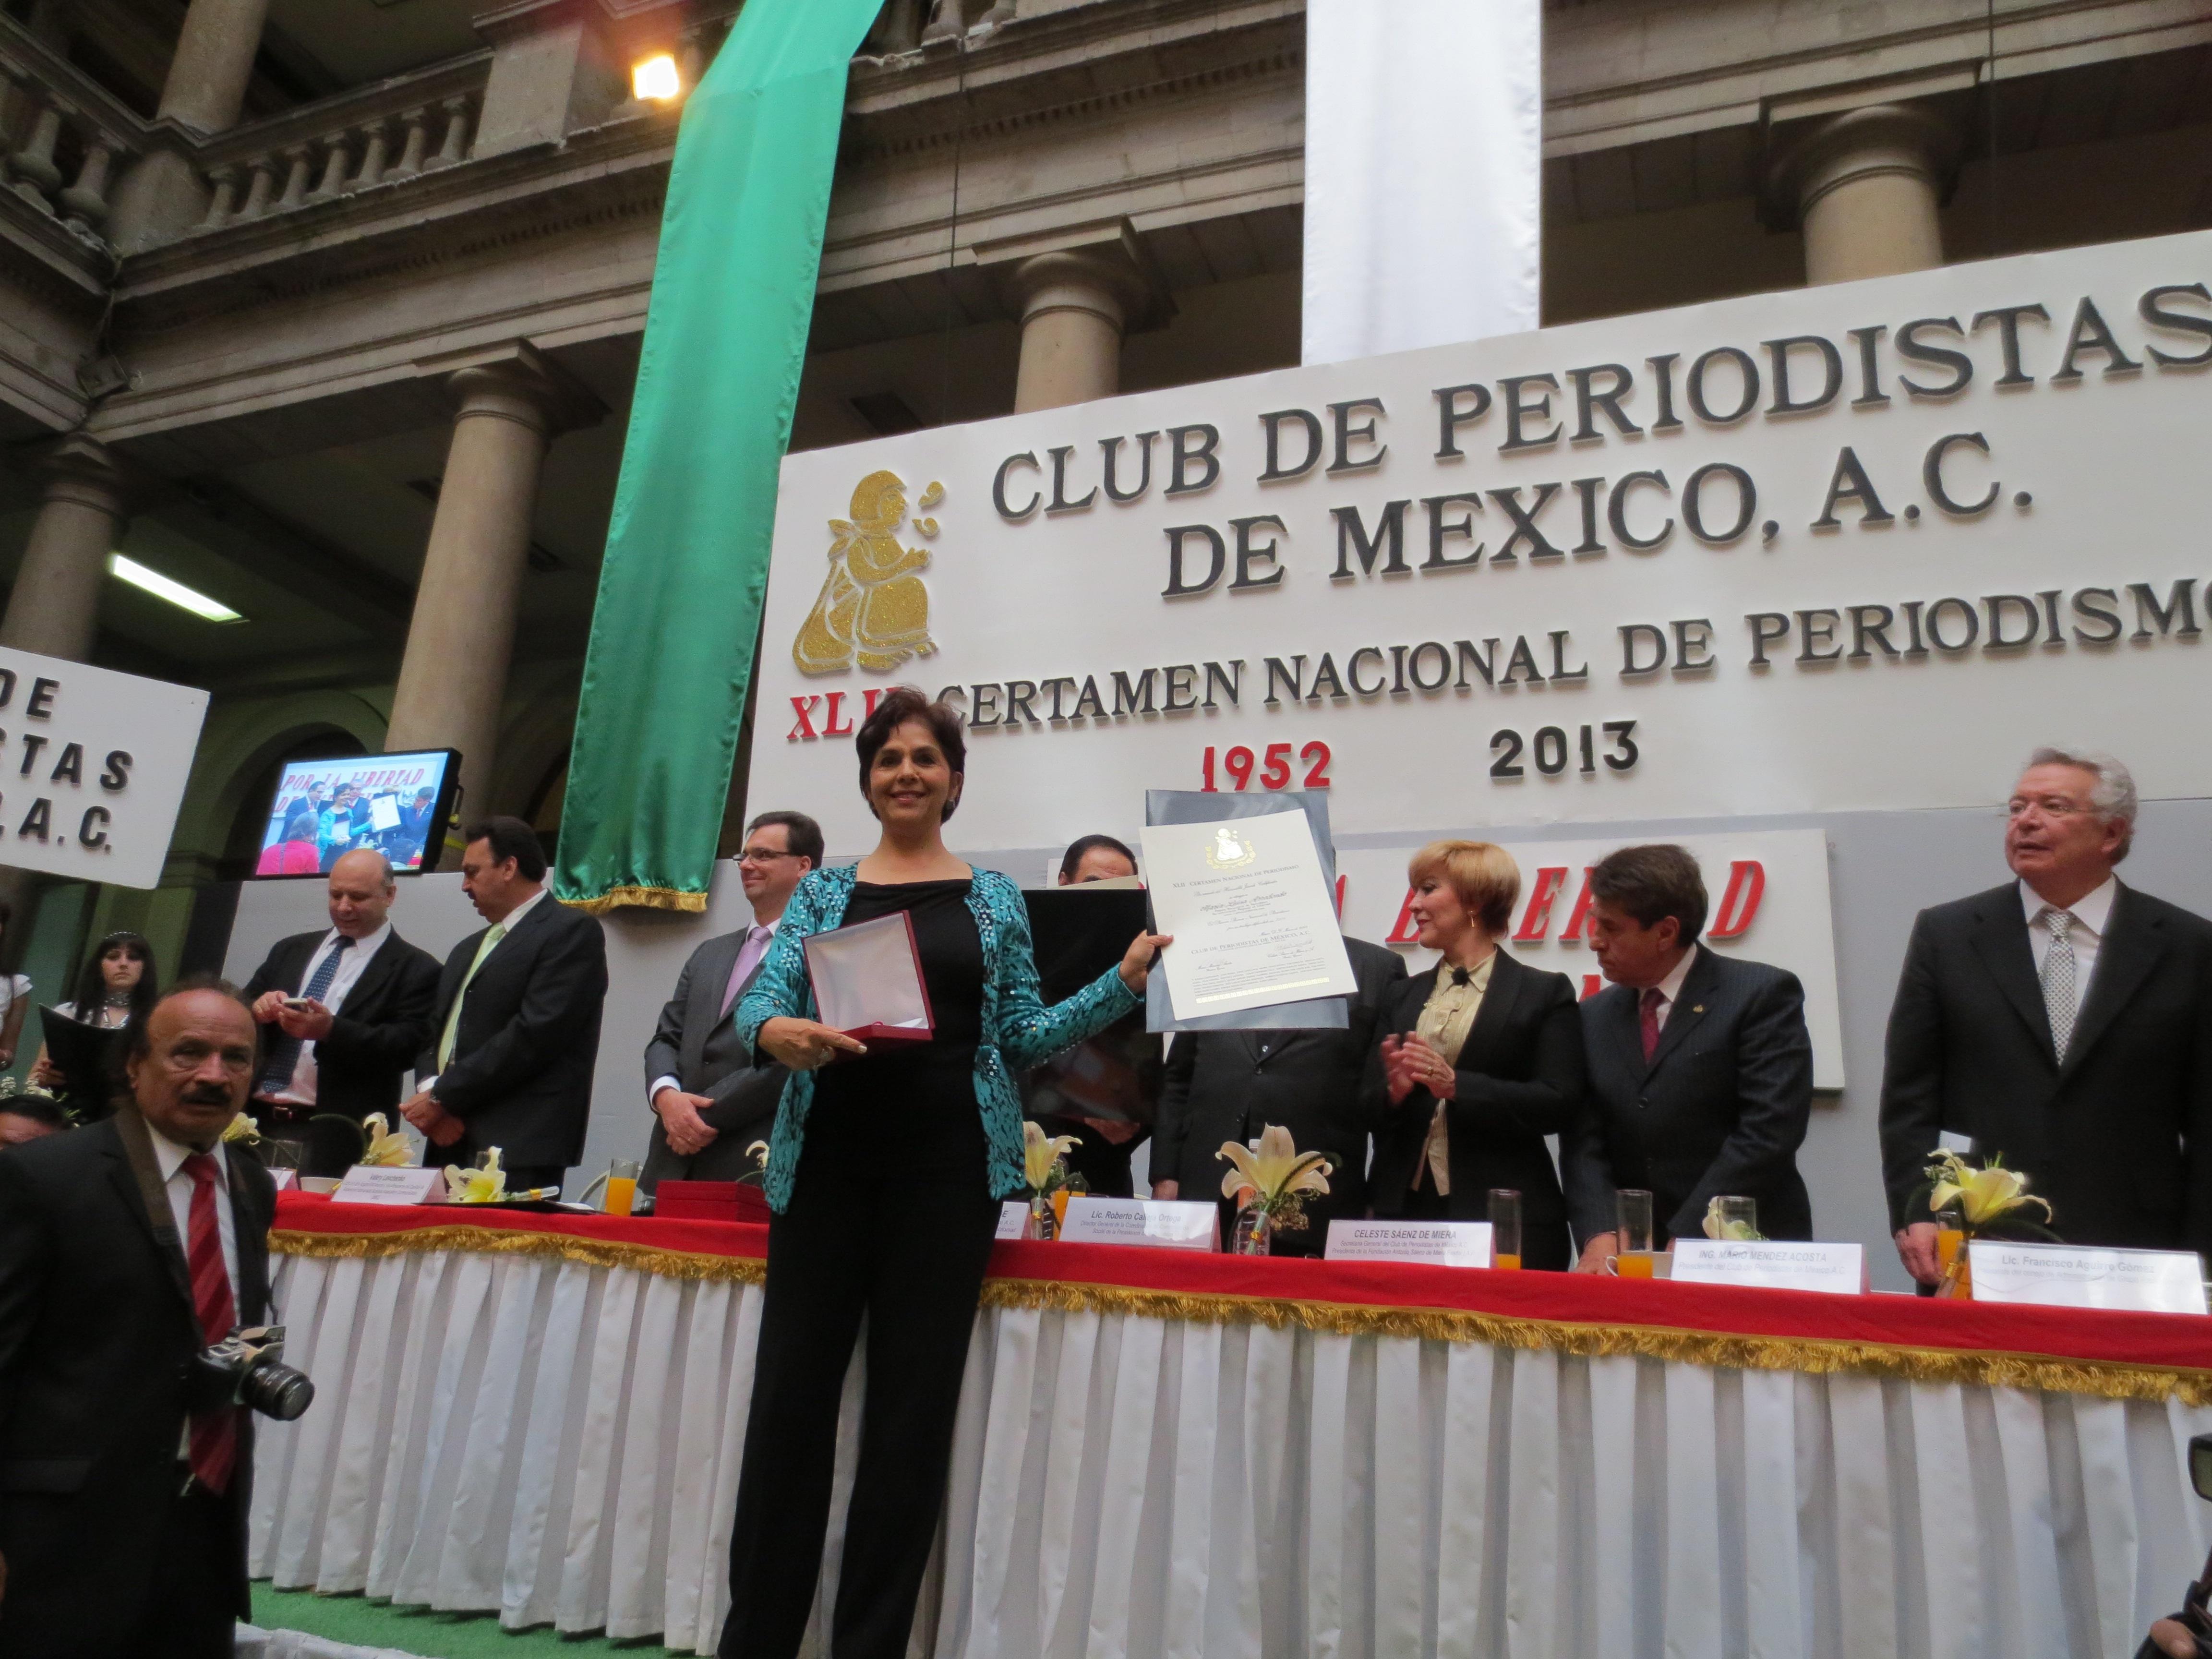 El Club de Periodistas de México premió a nuestra reportera María Luisa Arredondo como